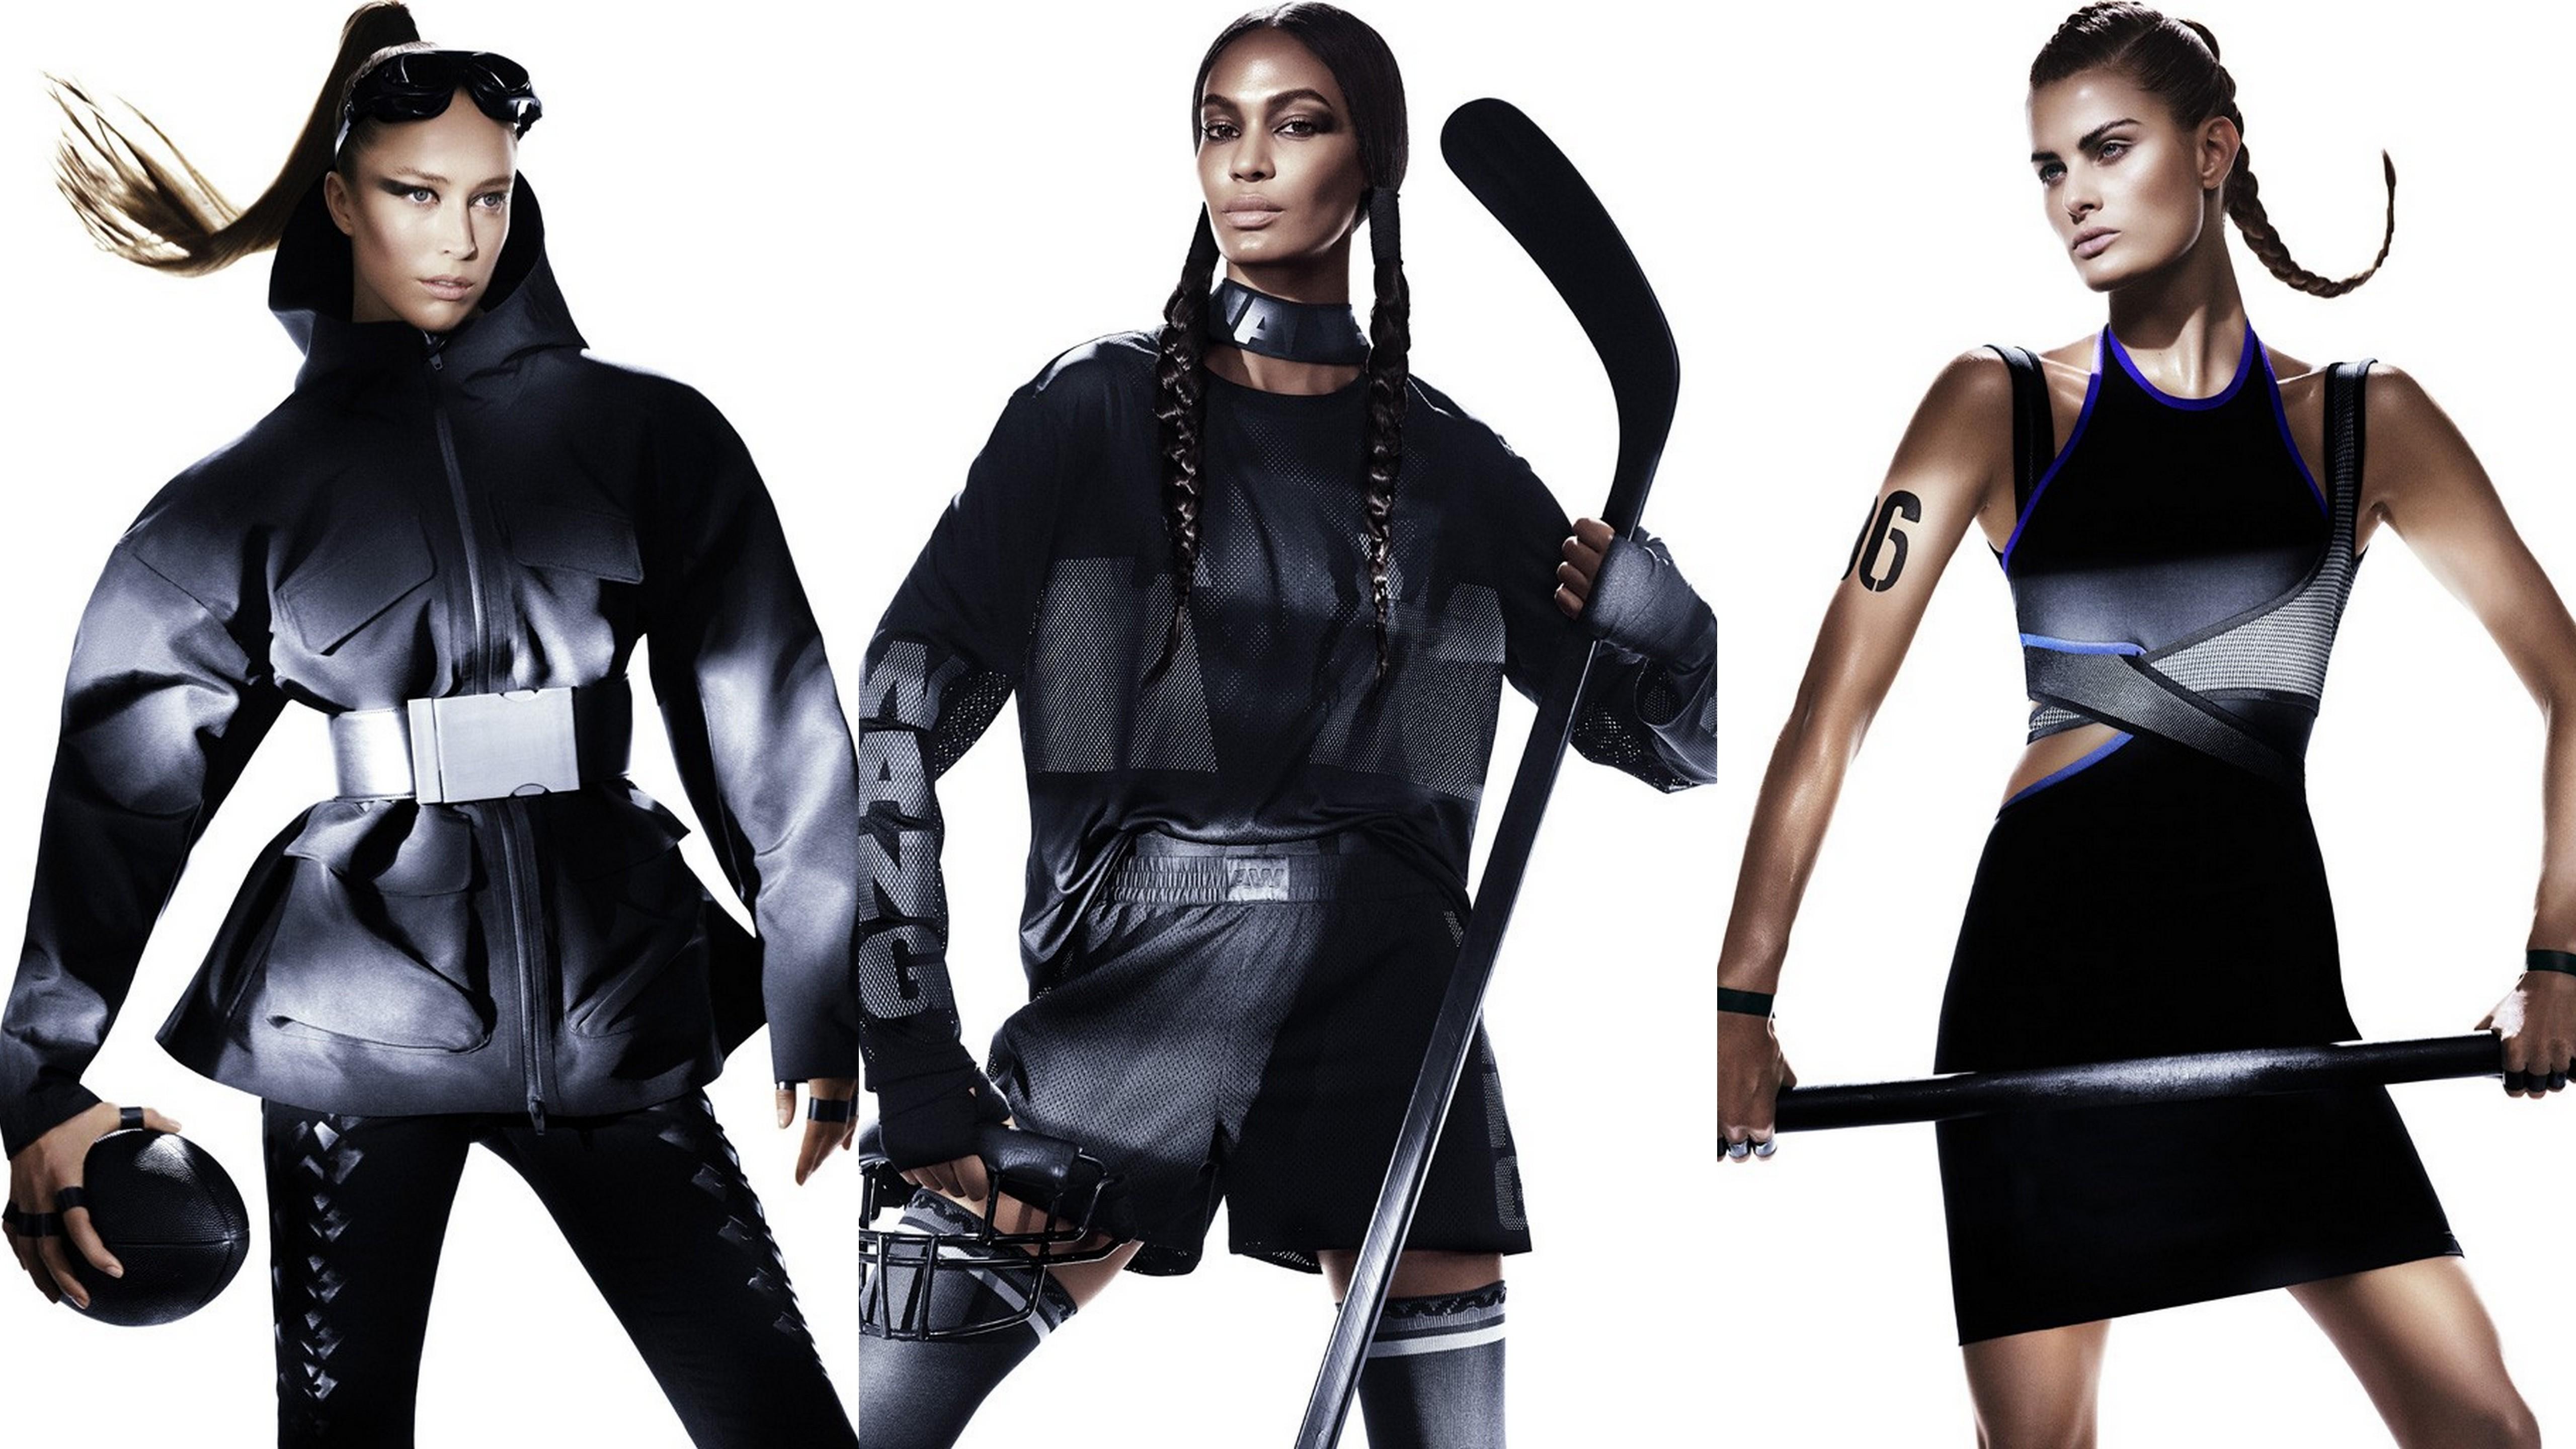 Byla odhalena reklamní kampaň Alexander Wang x H&M